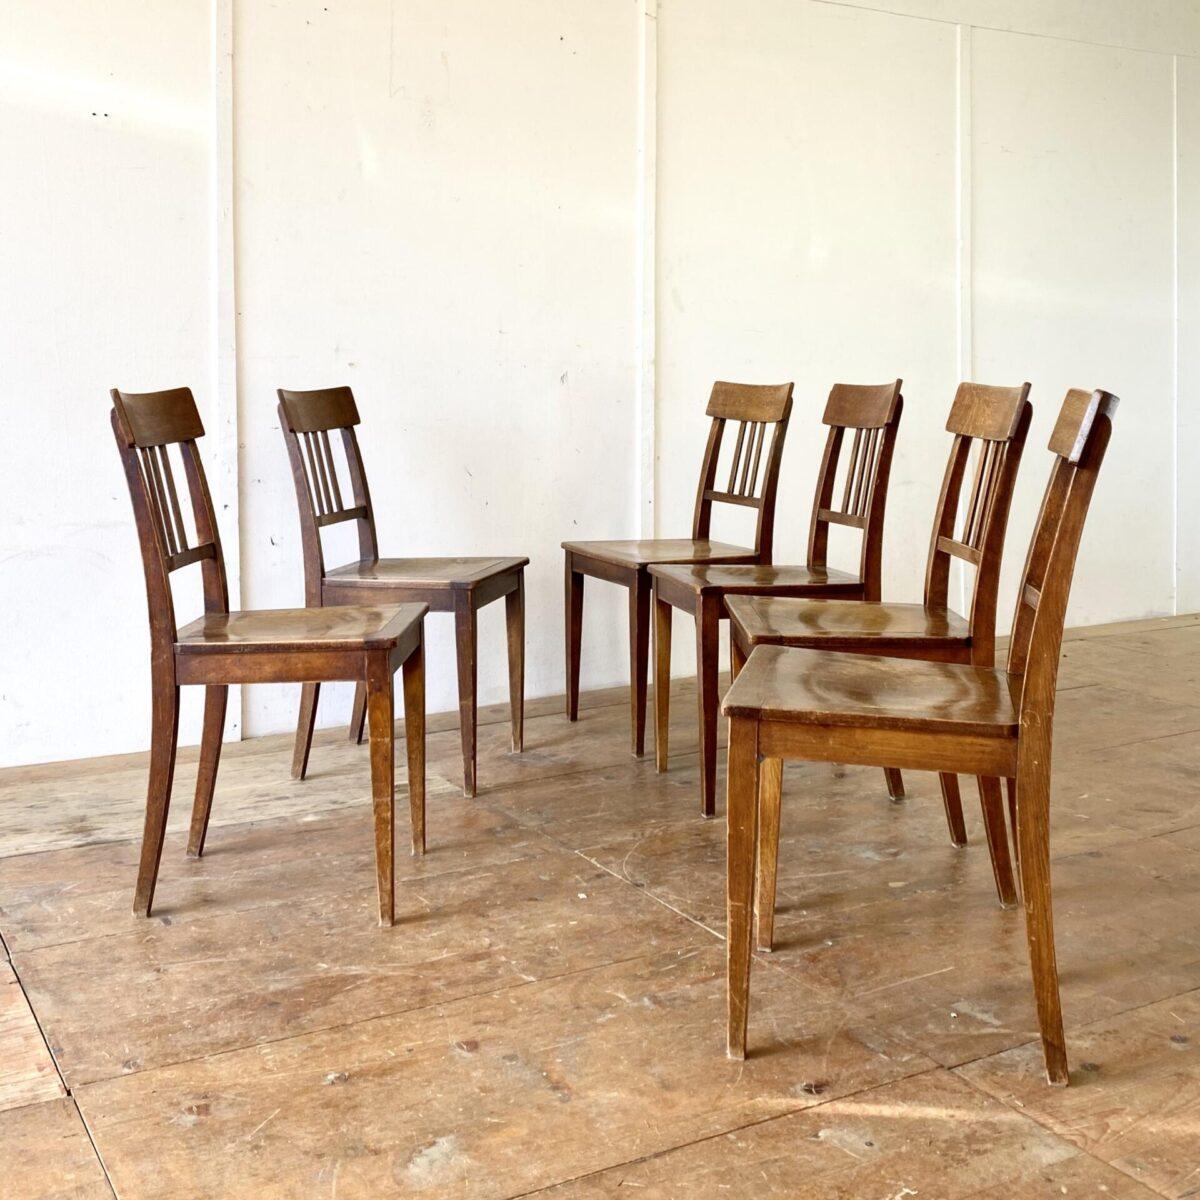 6er Set horgenglarus Stühle in stabilem guten Zustand. Ein mix aus Biedermeierstuhl, und der Bequemlichkeit eines Beizenstuhl, dunkelbraune Alterspatina.